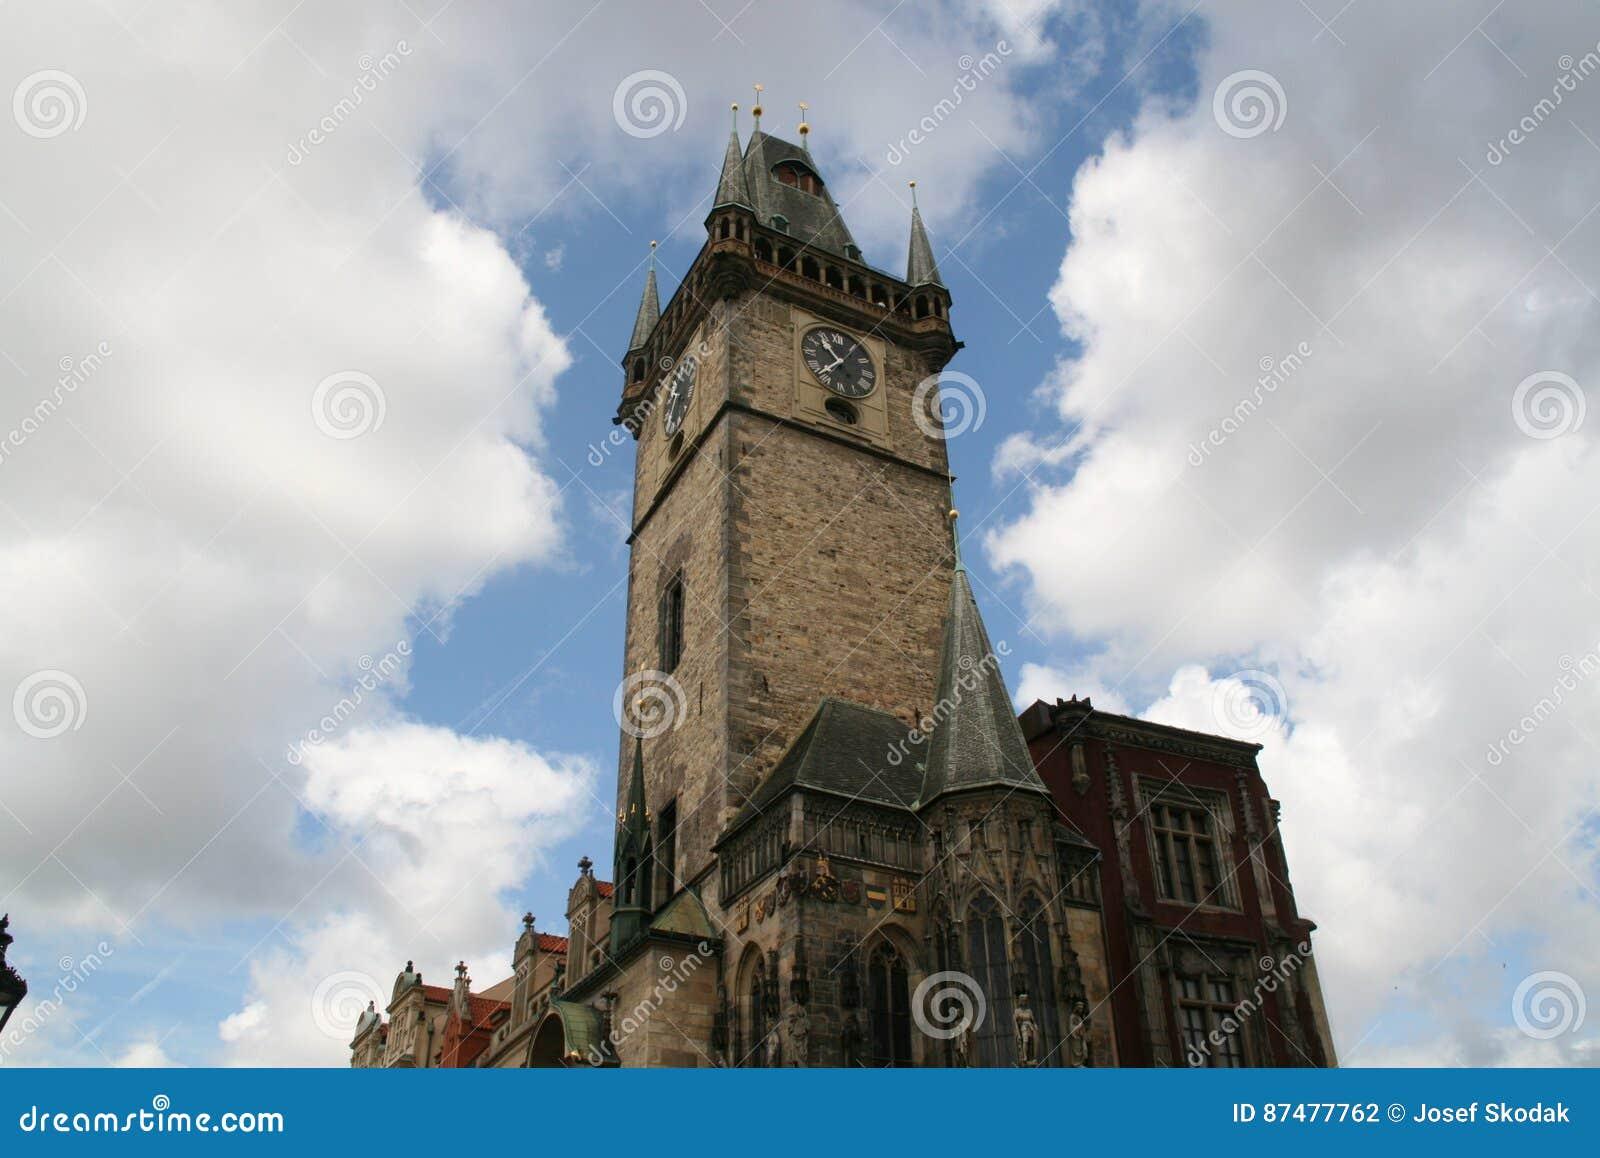 Torre de pulso de disparo astronômica de Praga